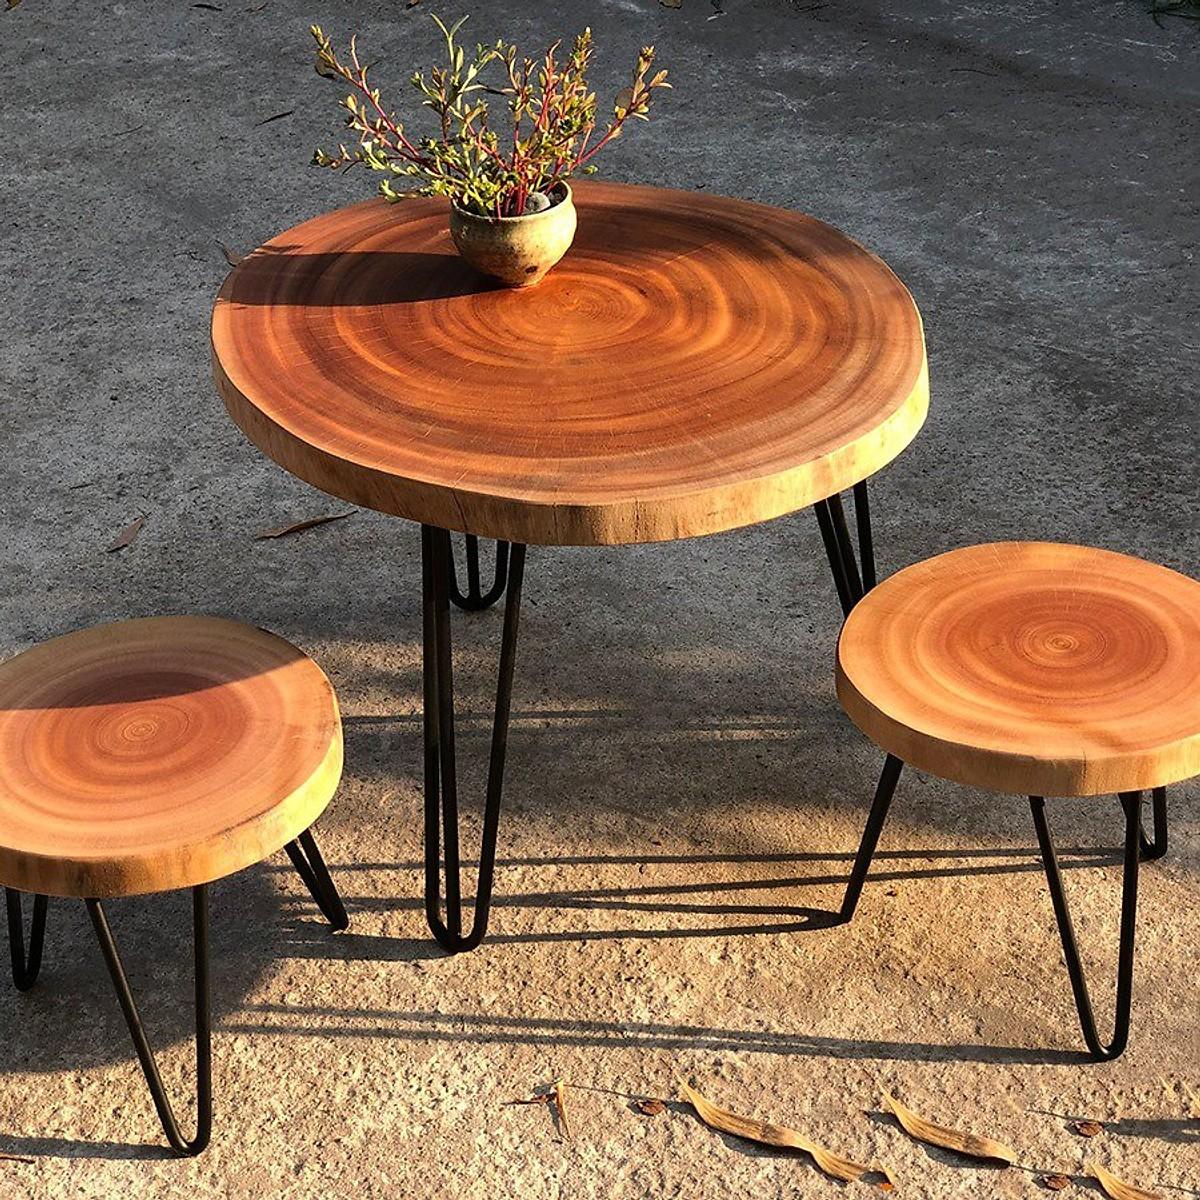 bàn gỗ tận dụng để trang trí